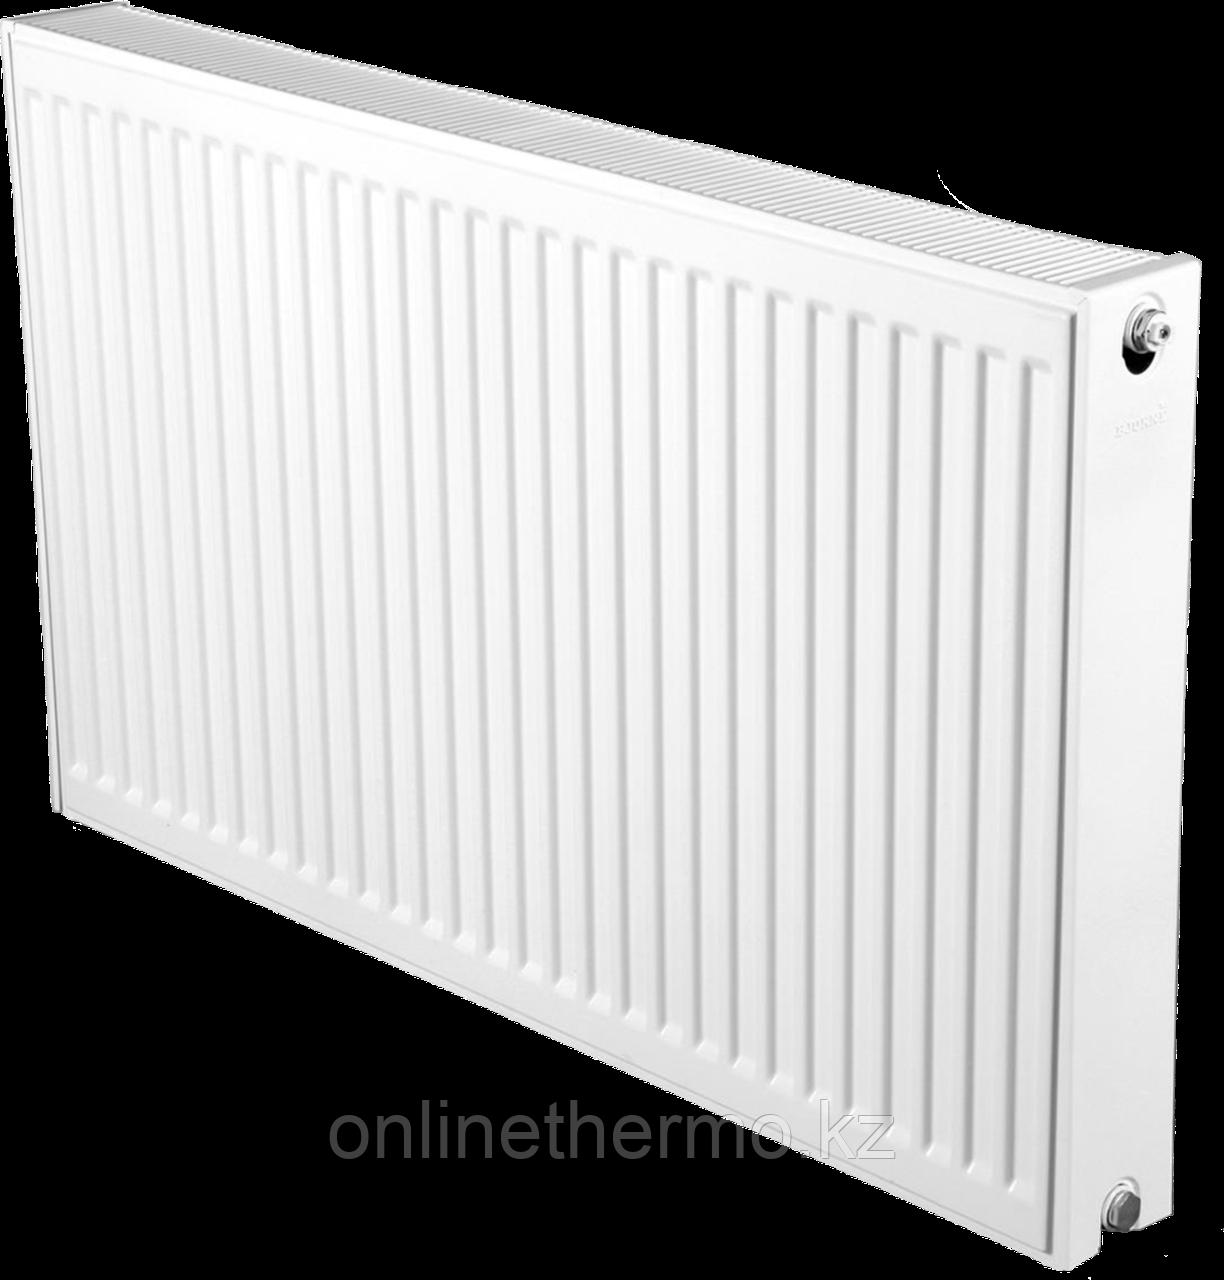 Радиатор стальной тип 22K H300мм*L400мм панельный Bjorne боковое подключение - фото 1